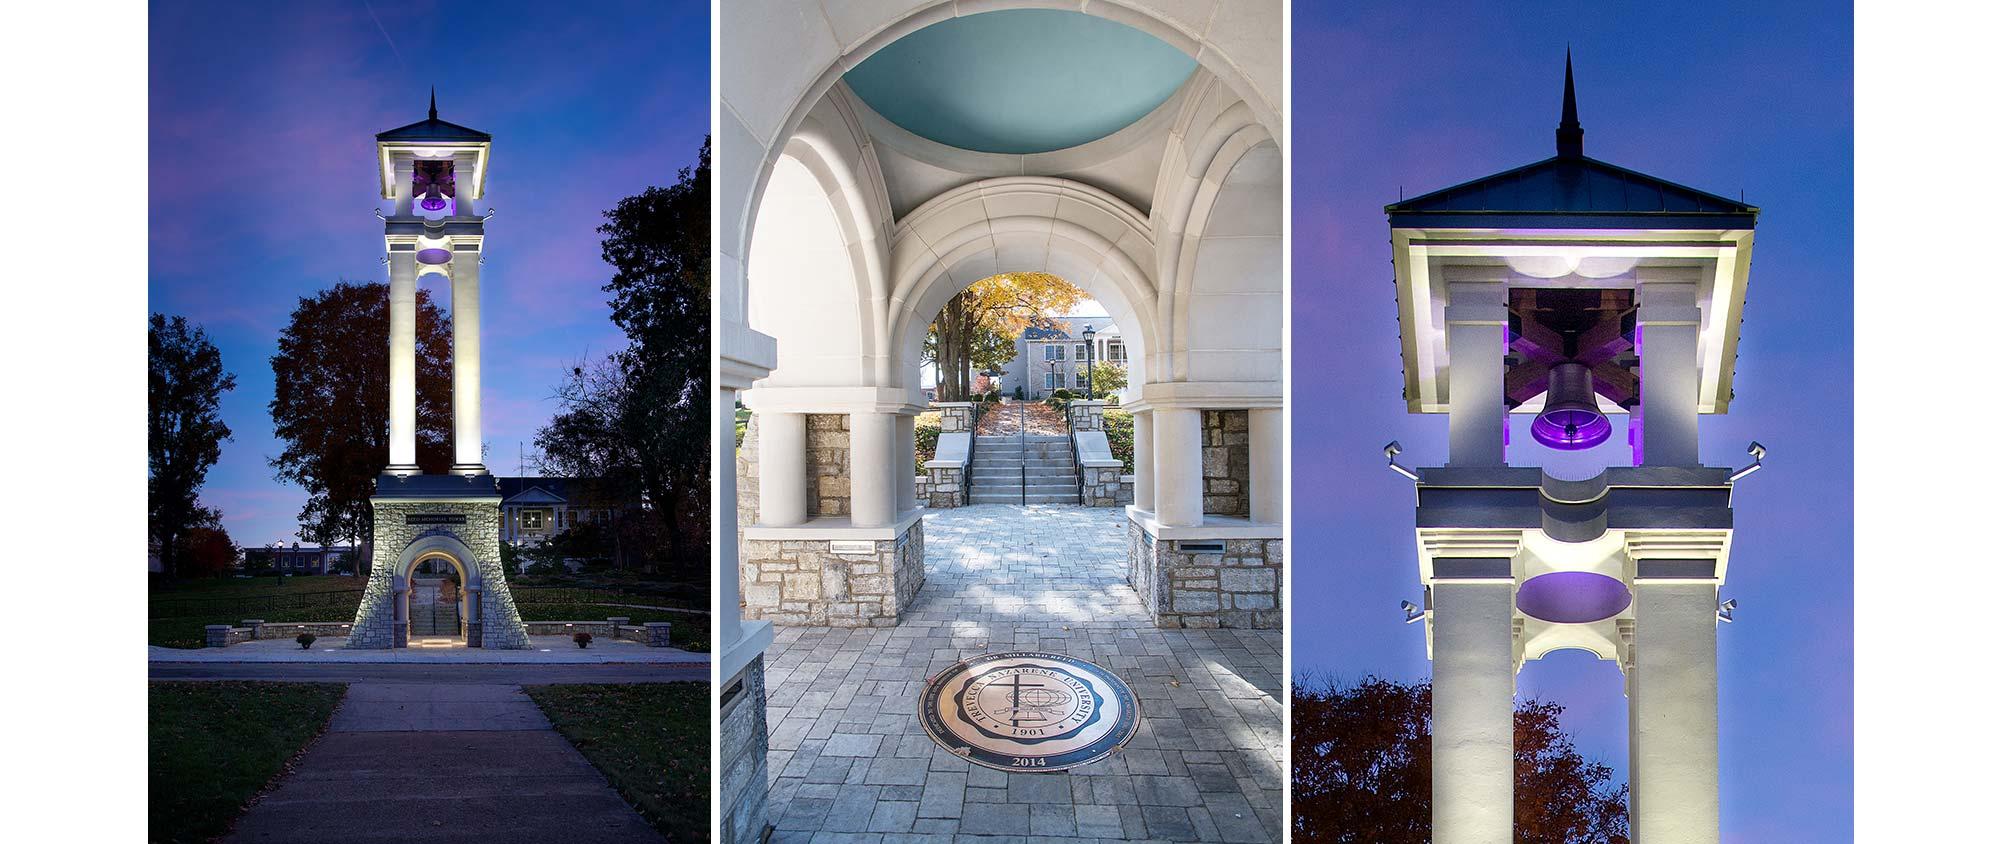 Trevecca Nazarene University Reed Memorial Bell Tower